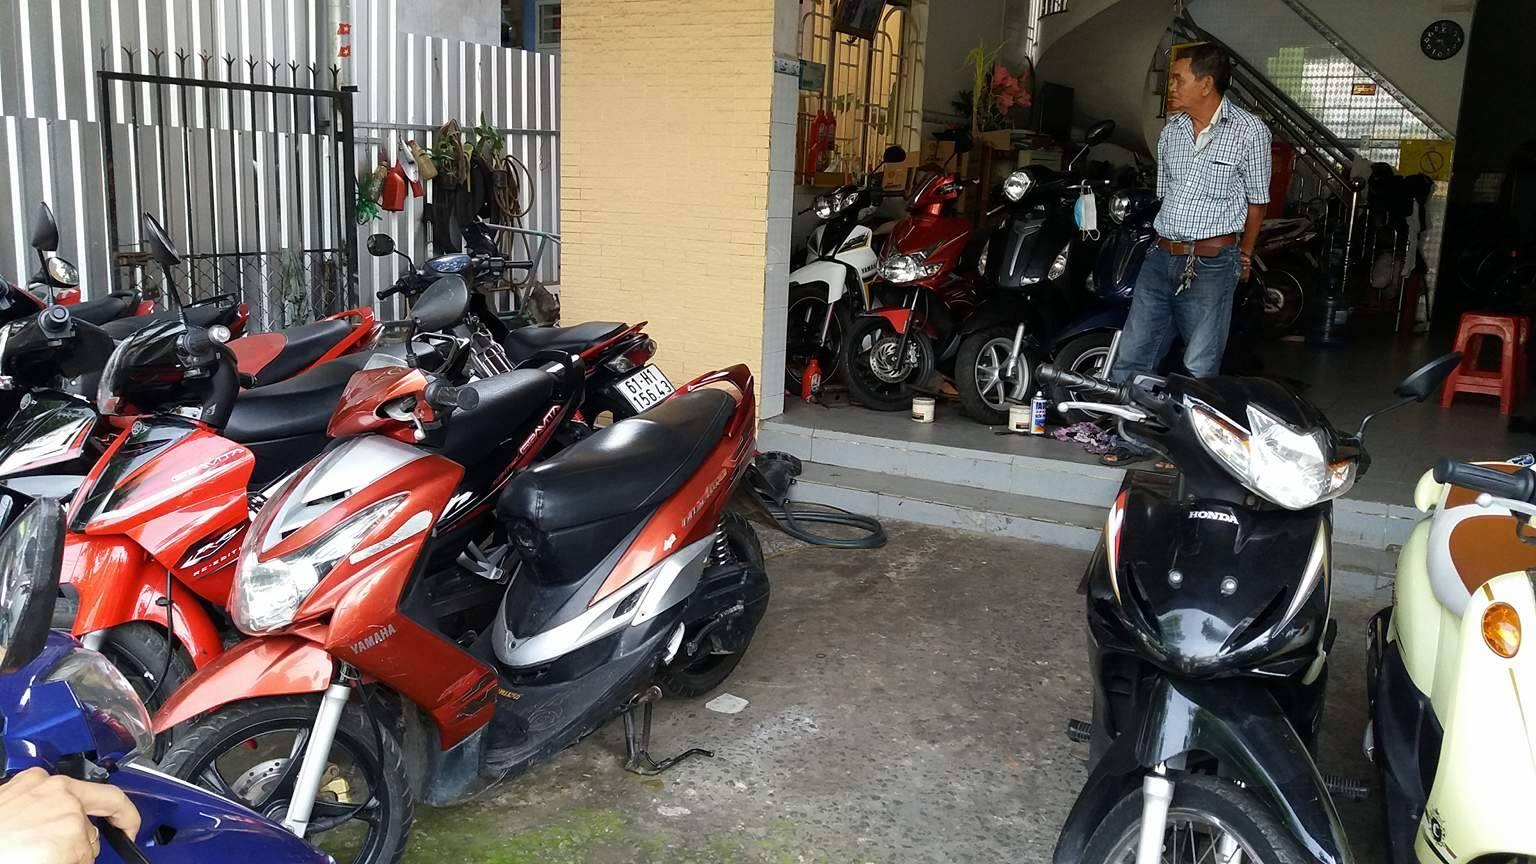 Cửa hàng xe máy cũ Hà Nội (9)